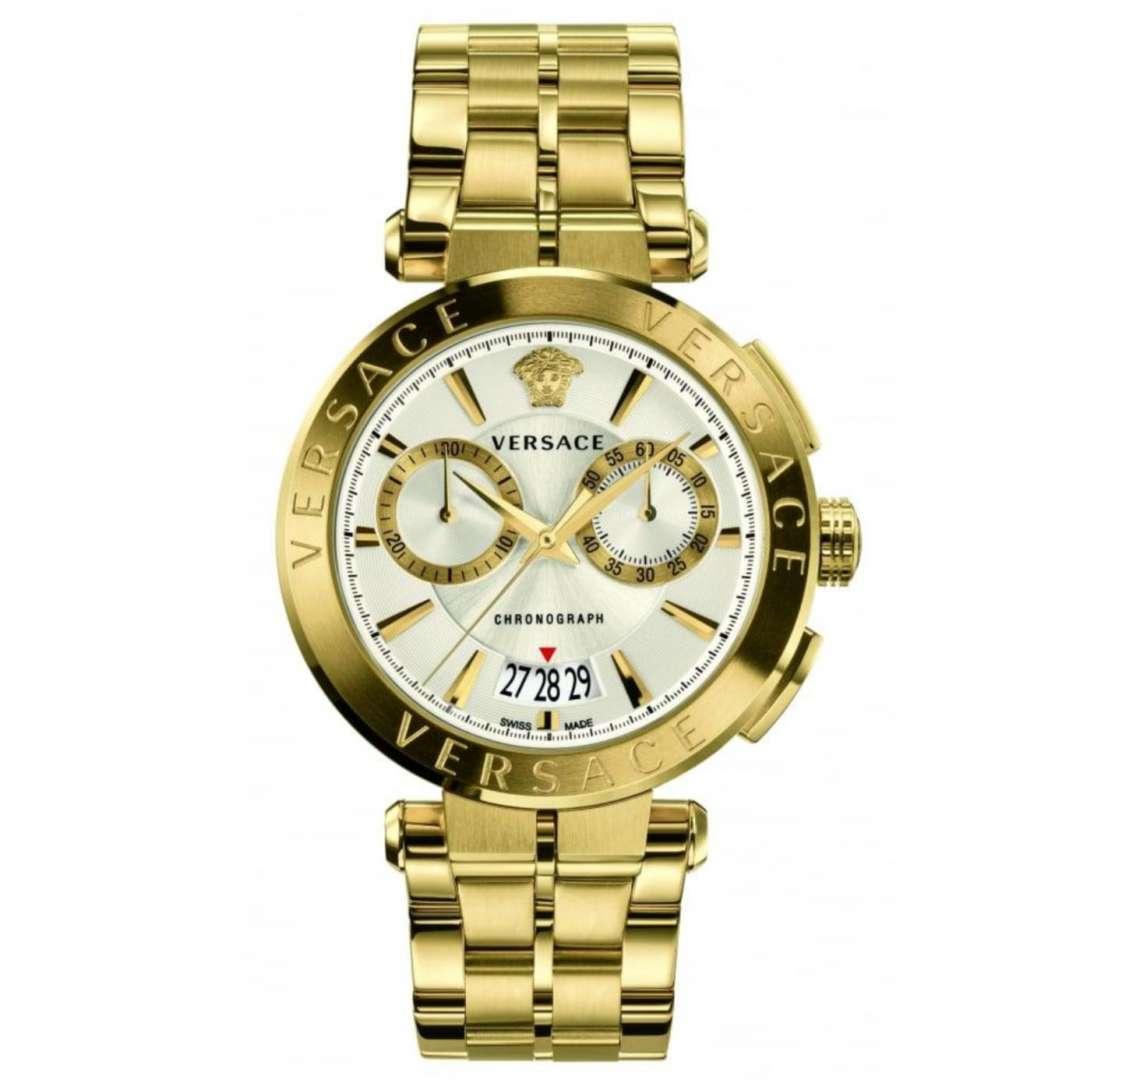 שעון יד אנלוגי versace vbr060017 ורסצ'ה